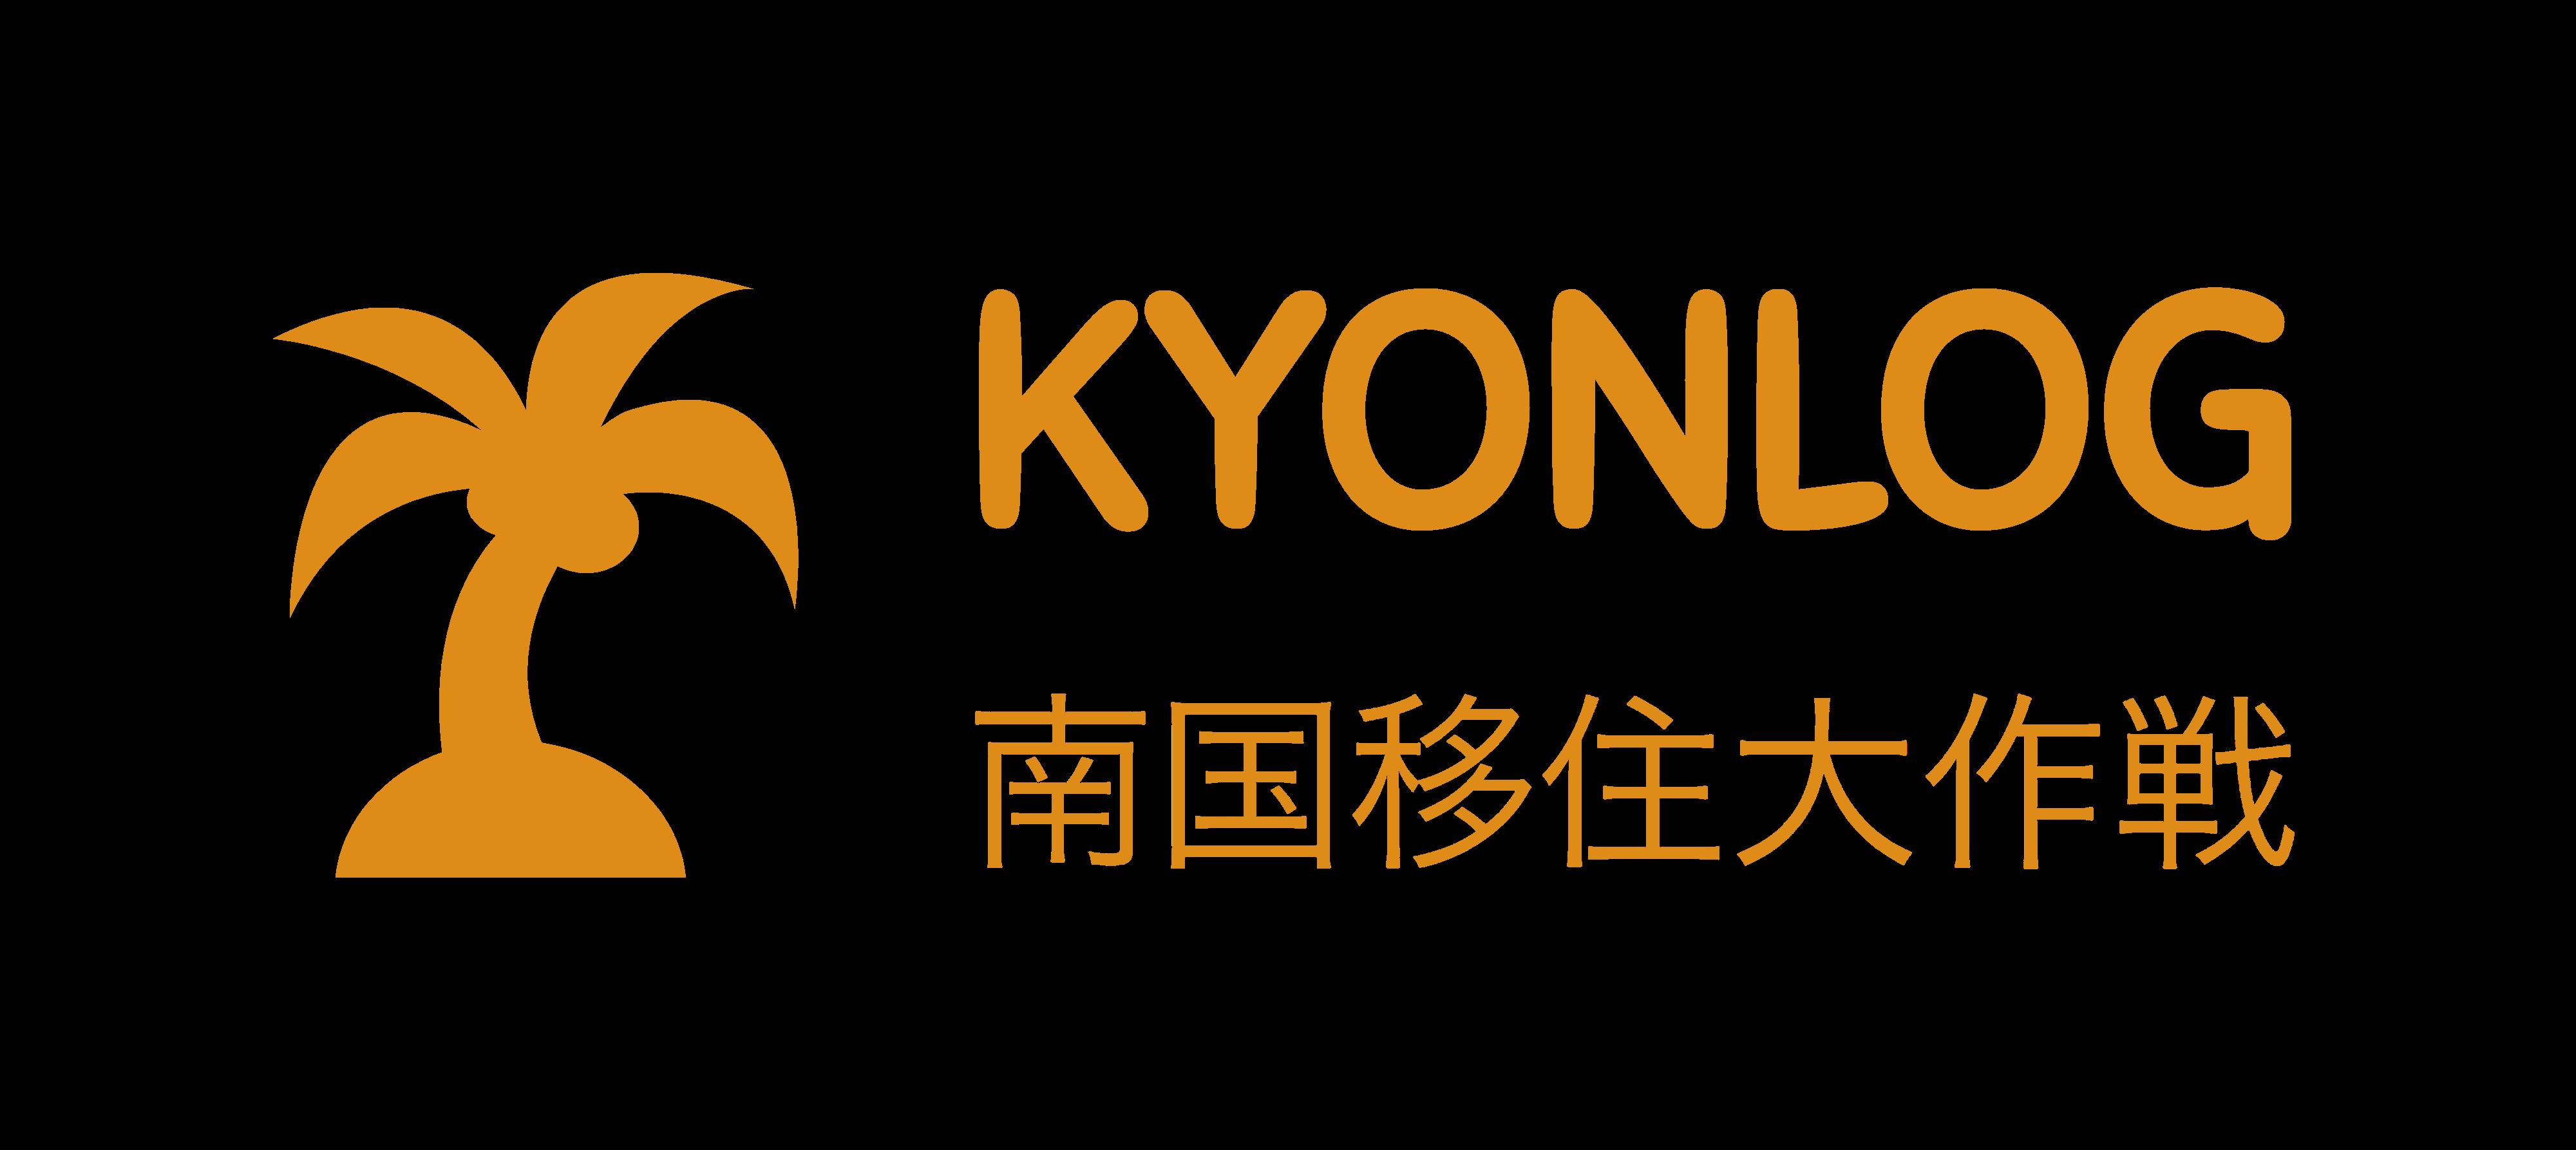 KYONLOG